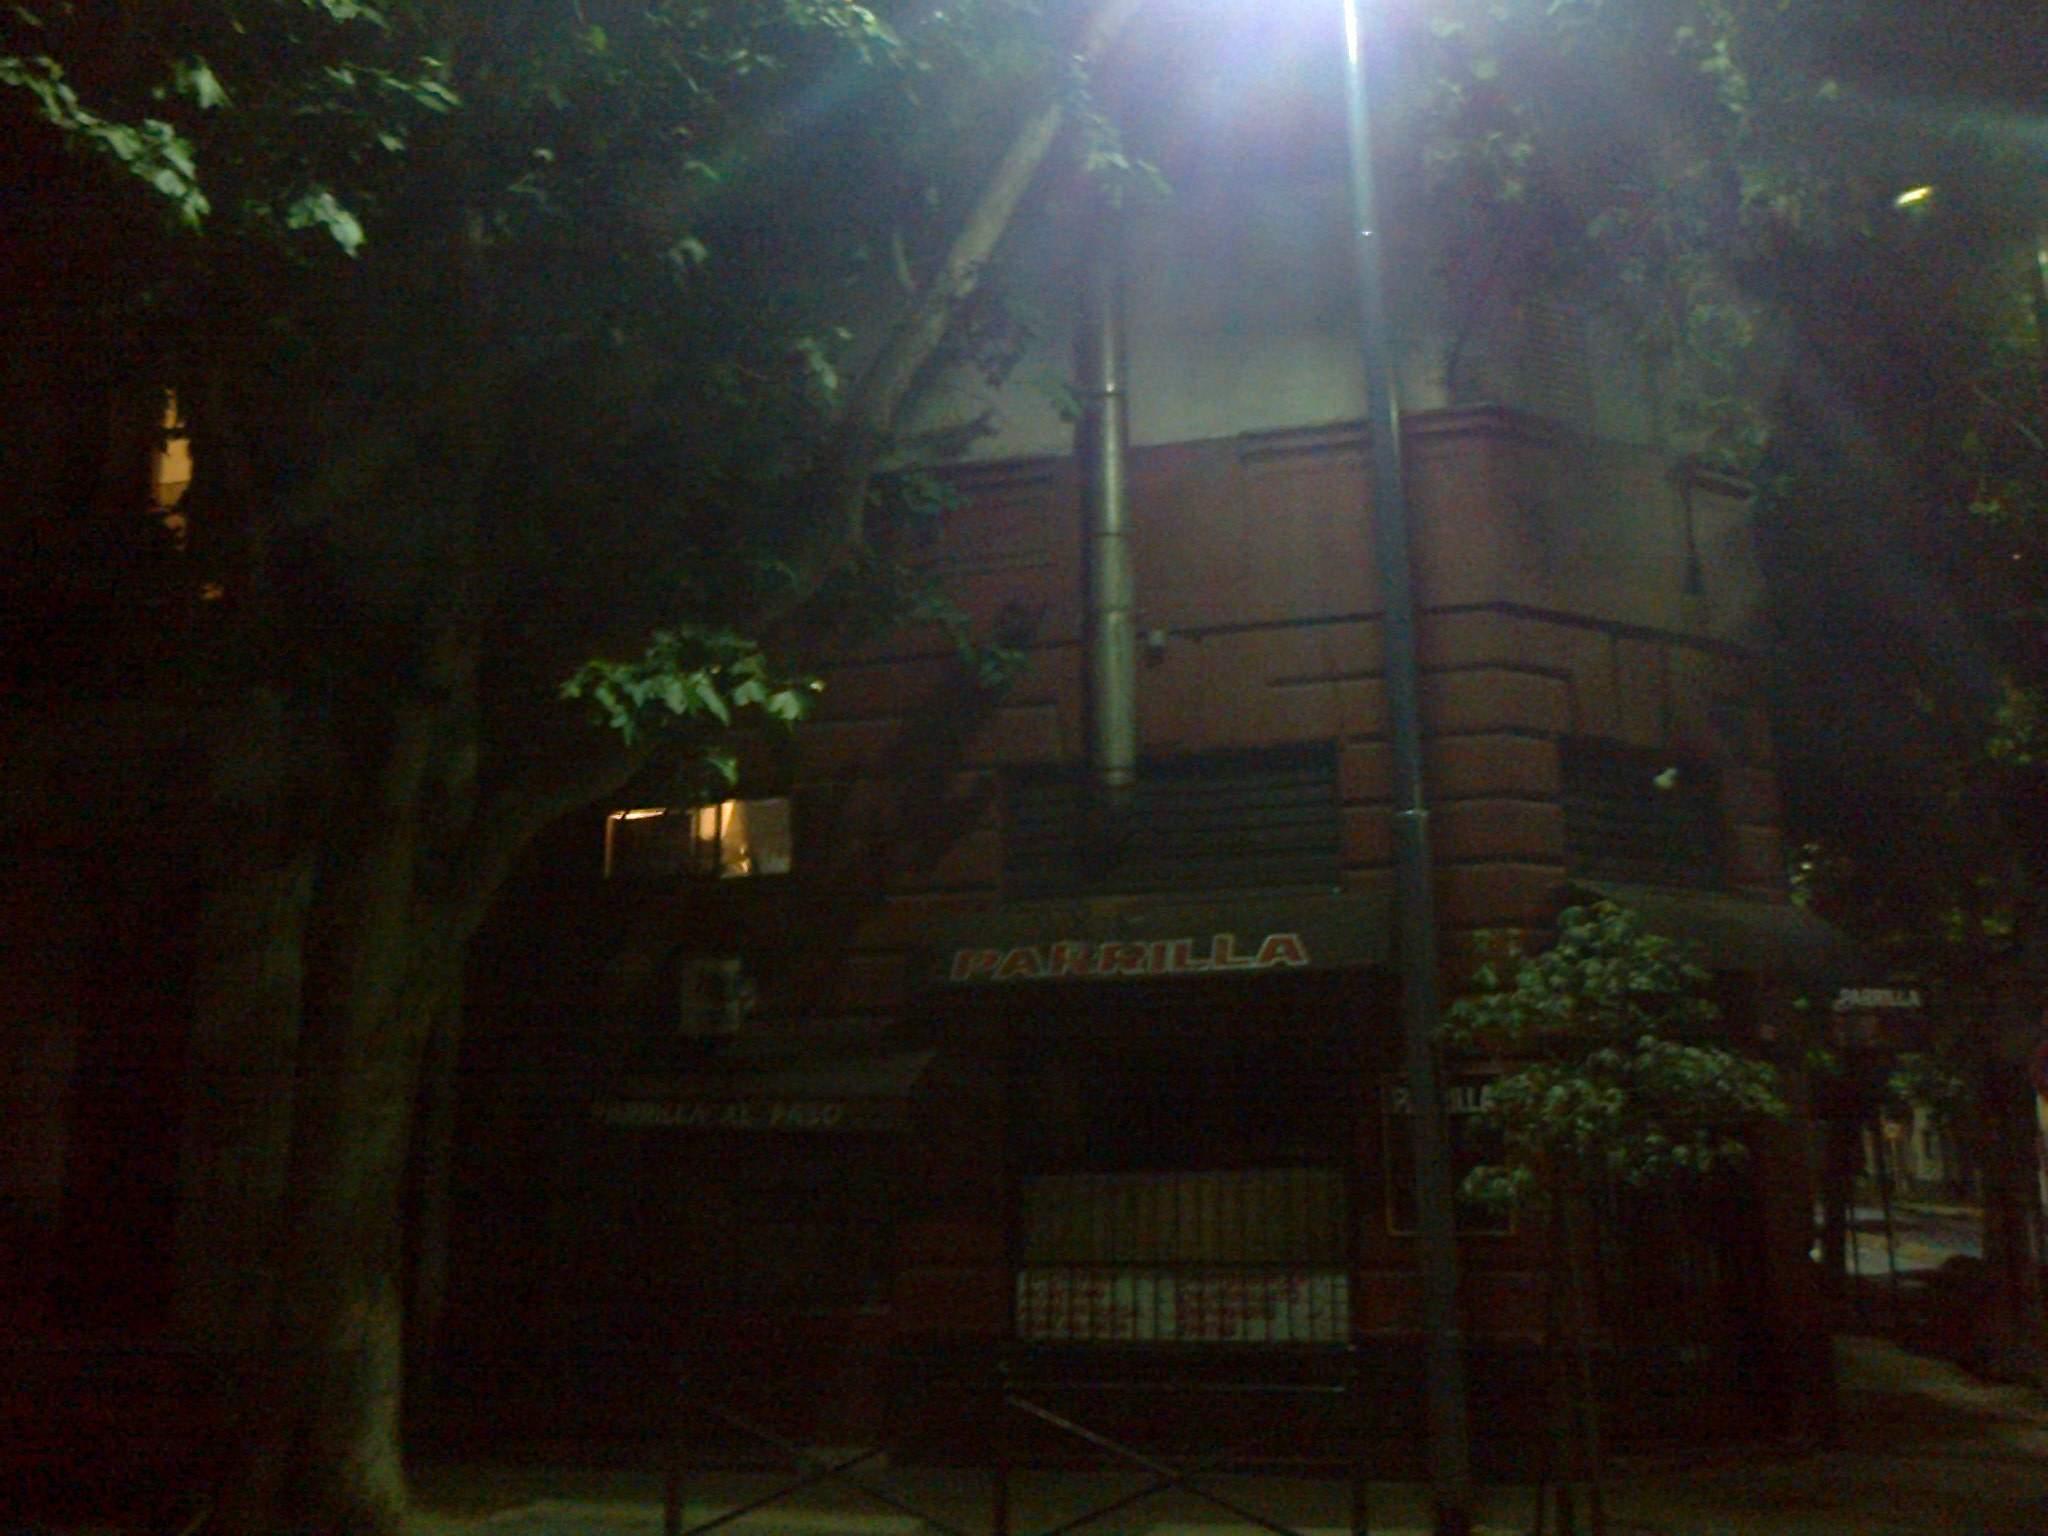 Las luminarias por encima del nivel de las copas de los árboles no pueden cumplir su función.